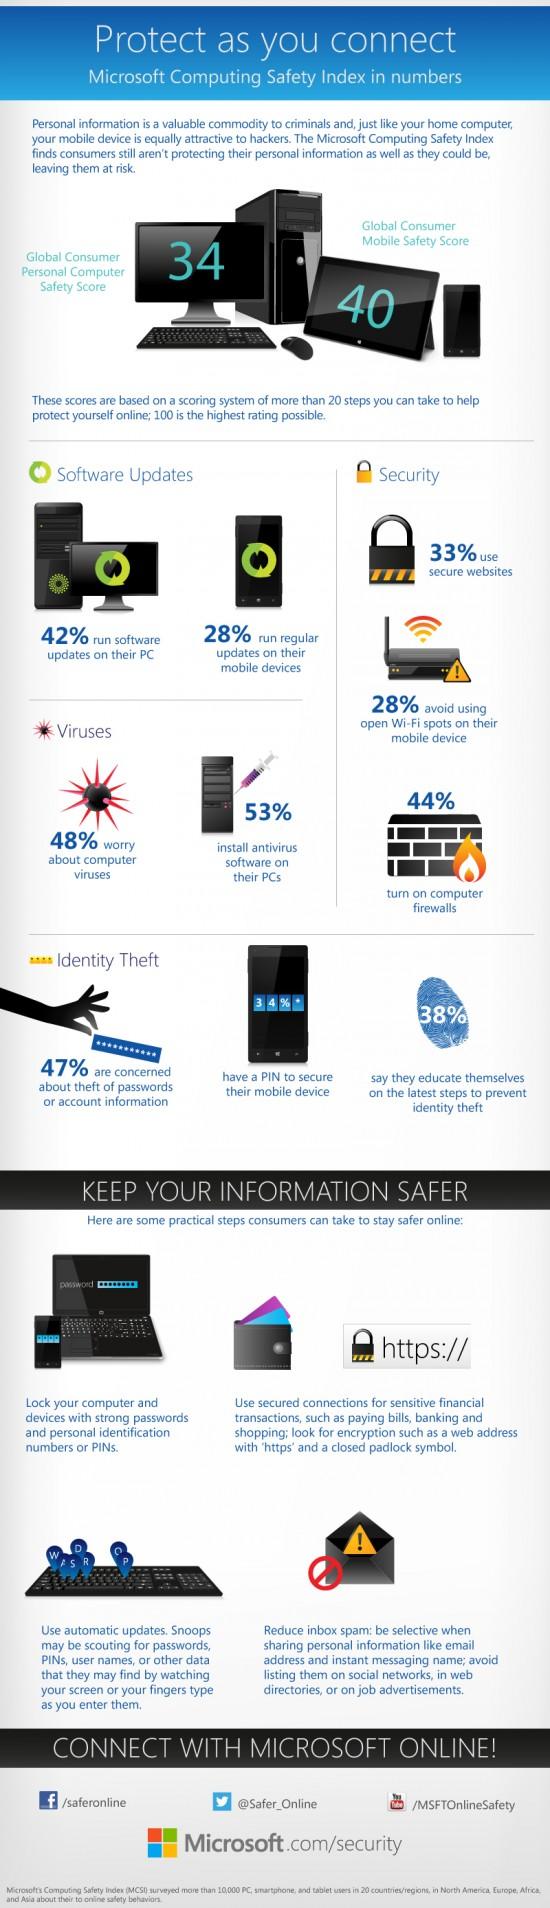 ms safer internet day